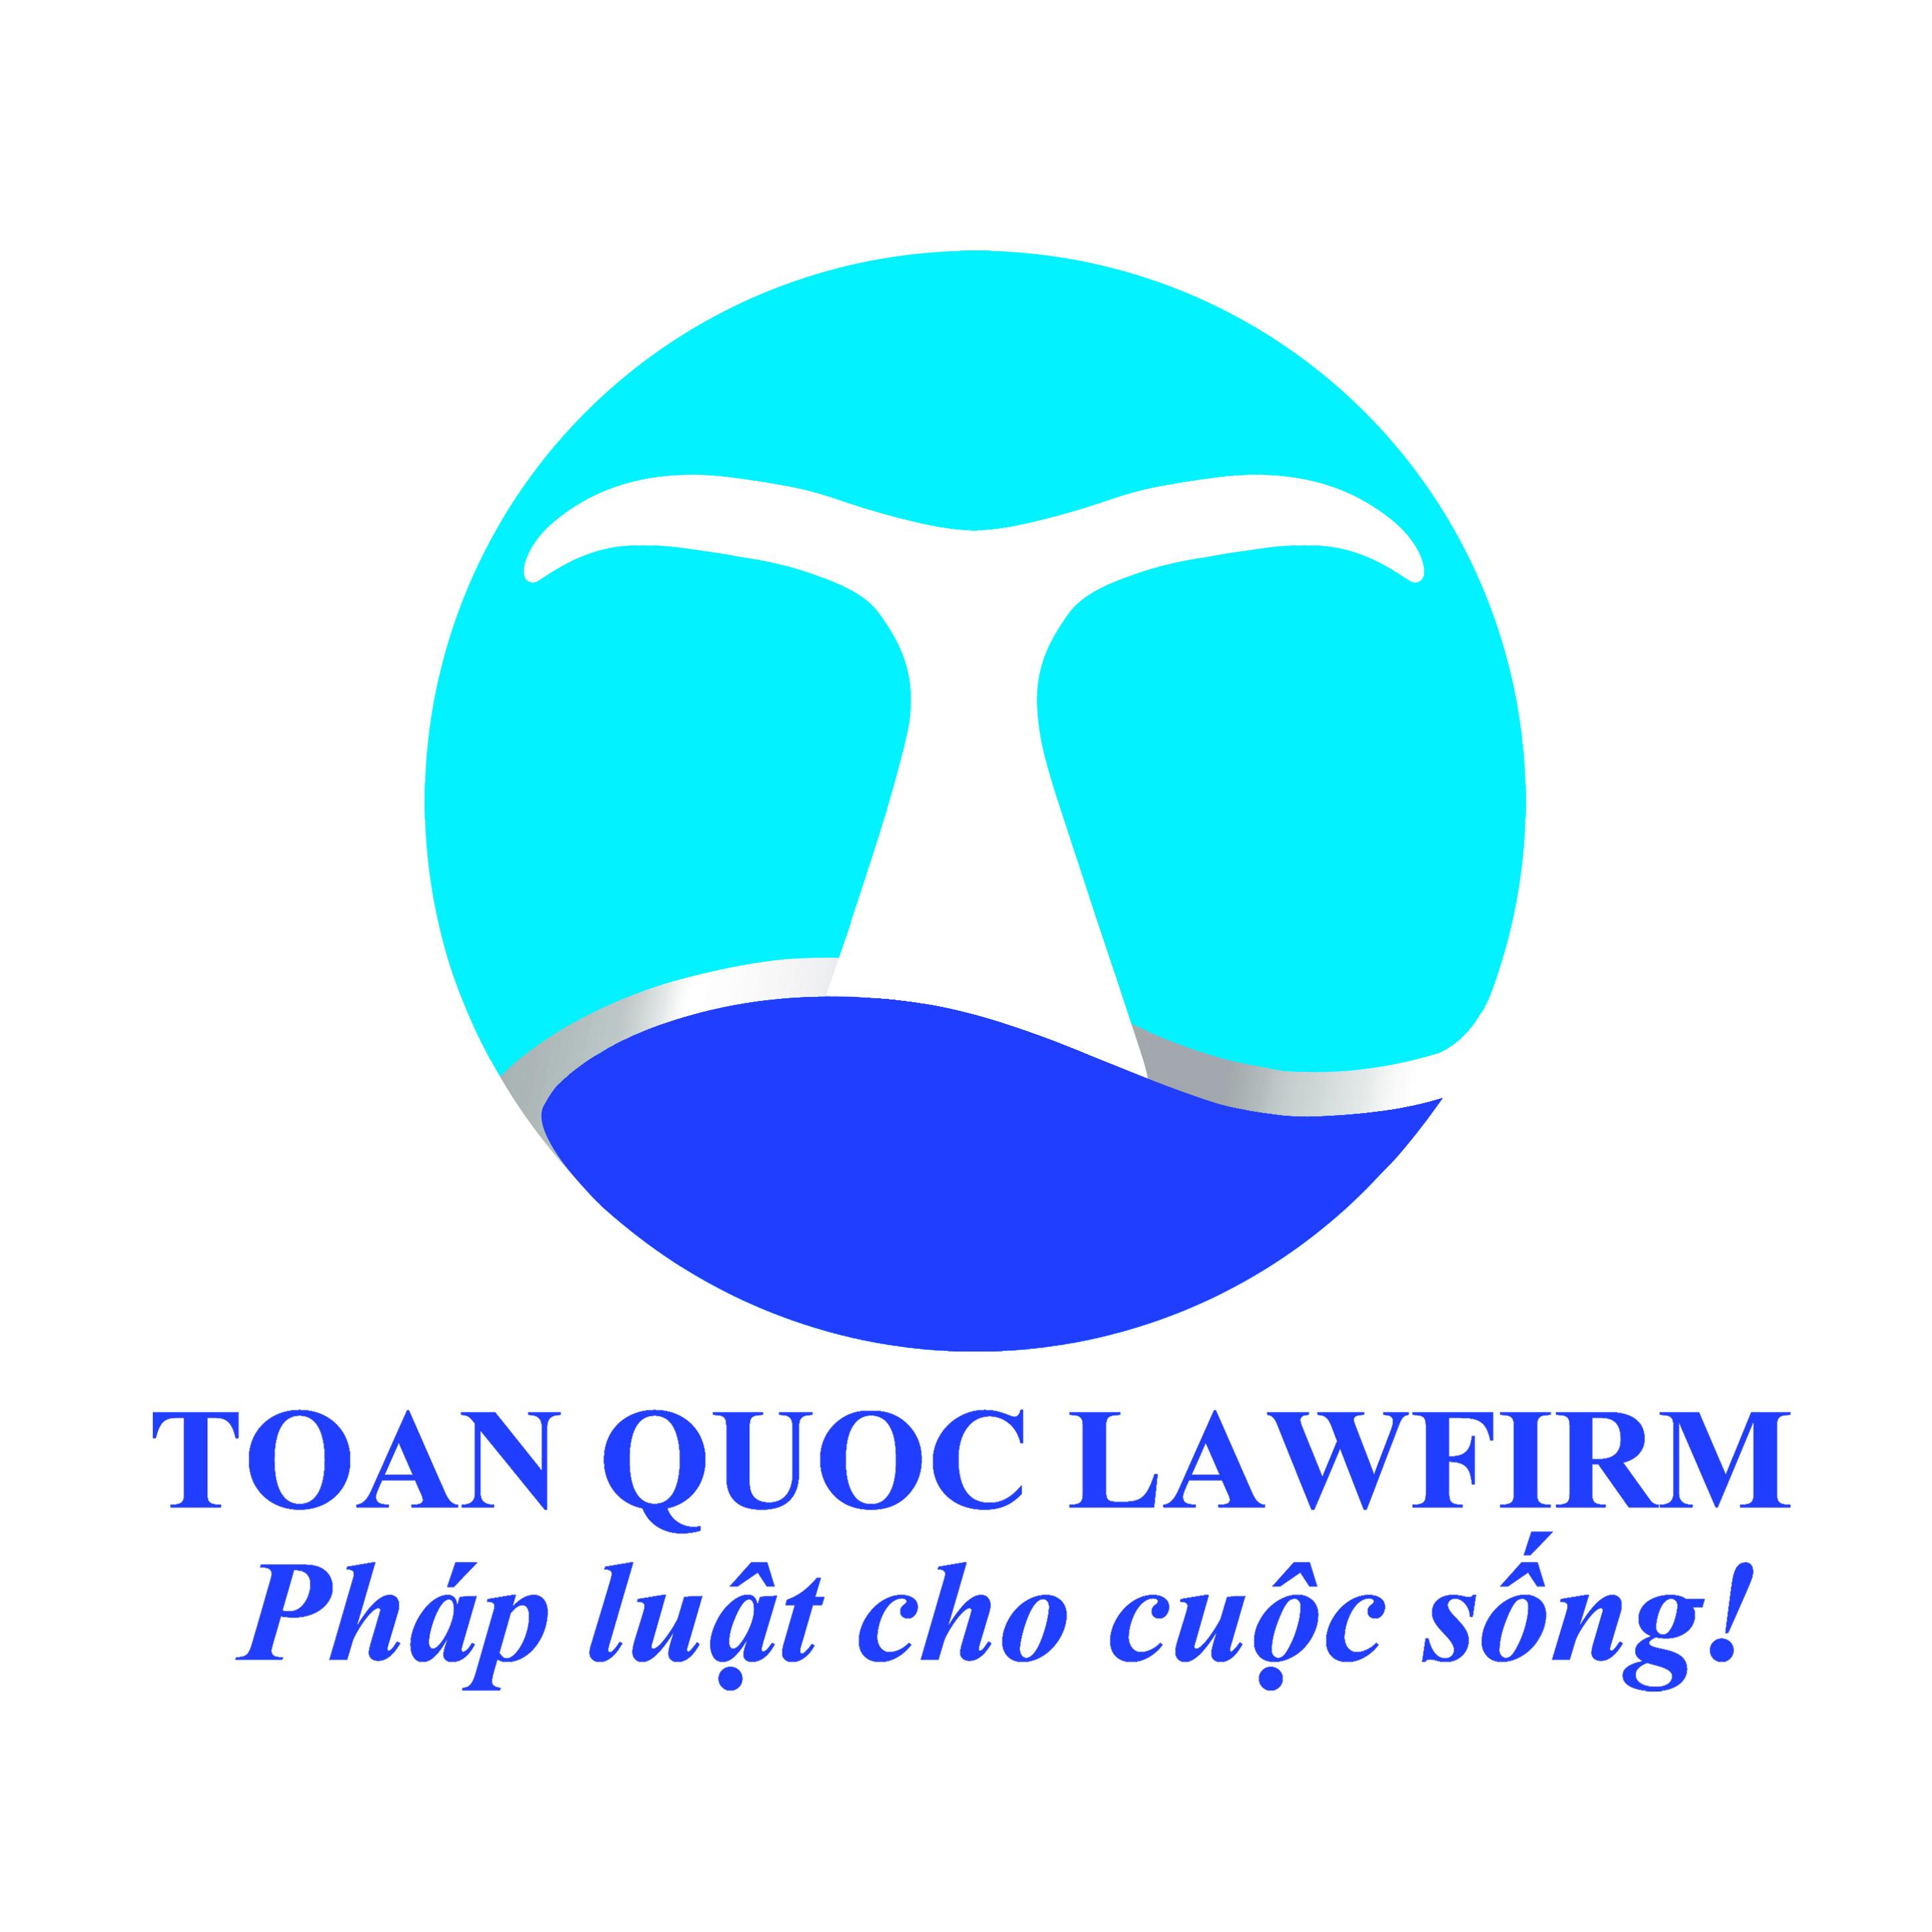 Quyết định 50/2015/QĐ-UBND về mức thu, quản lý, sử dụng phí, lệ phí tỉnh Bình Phước